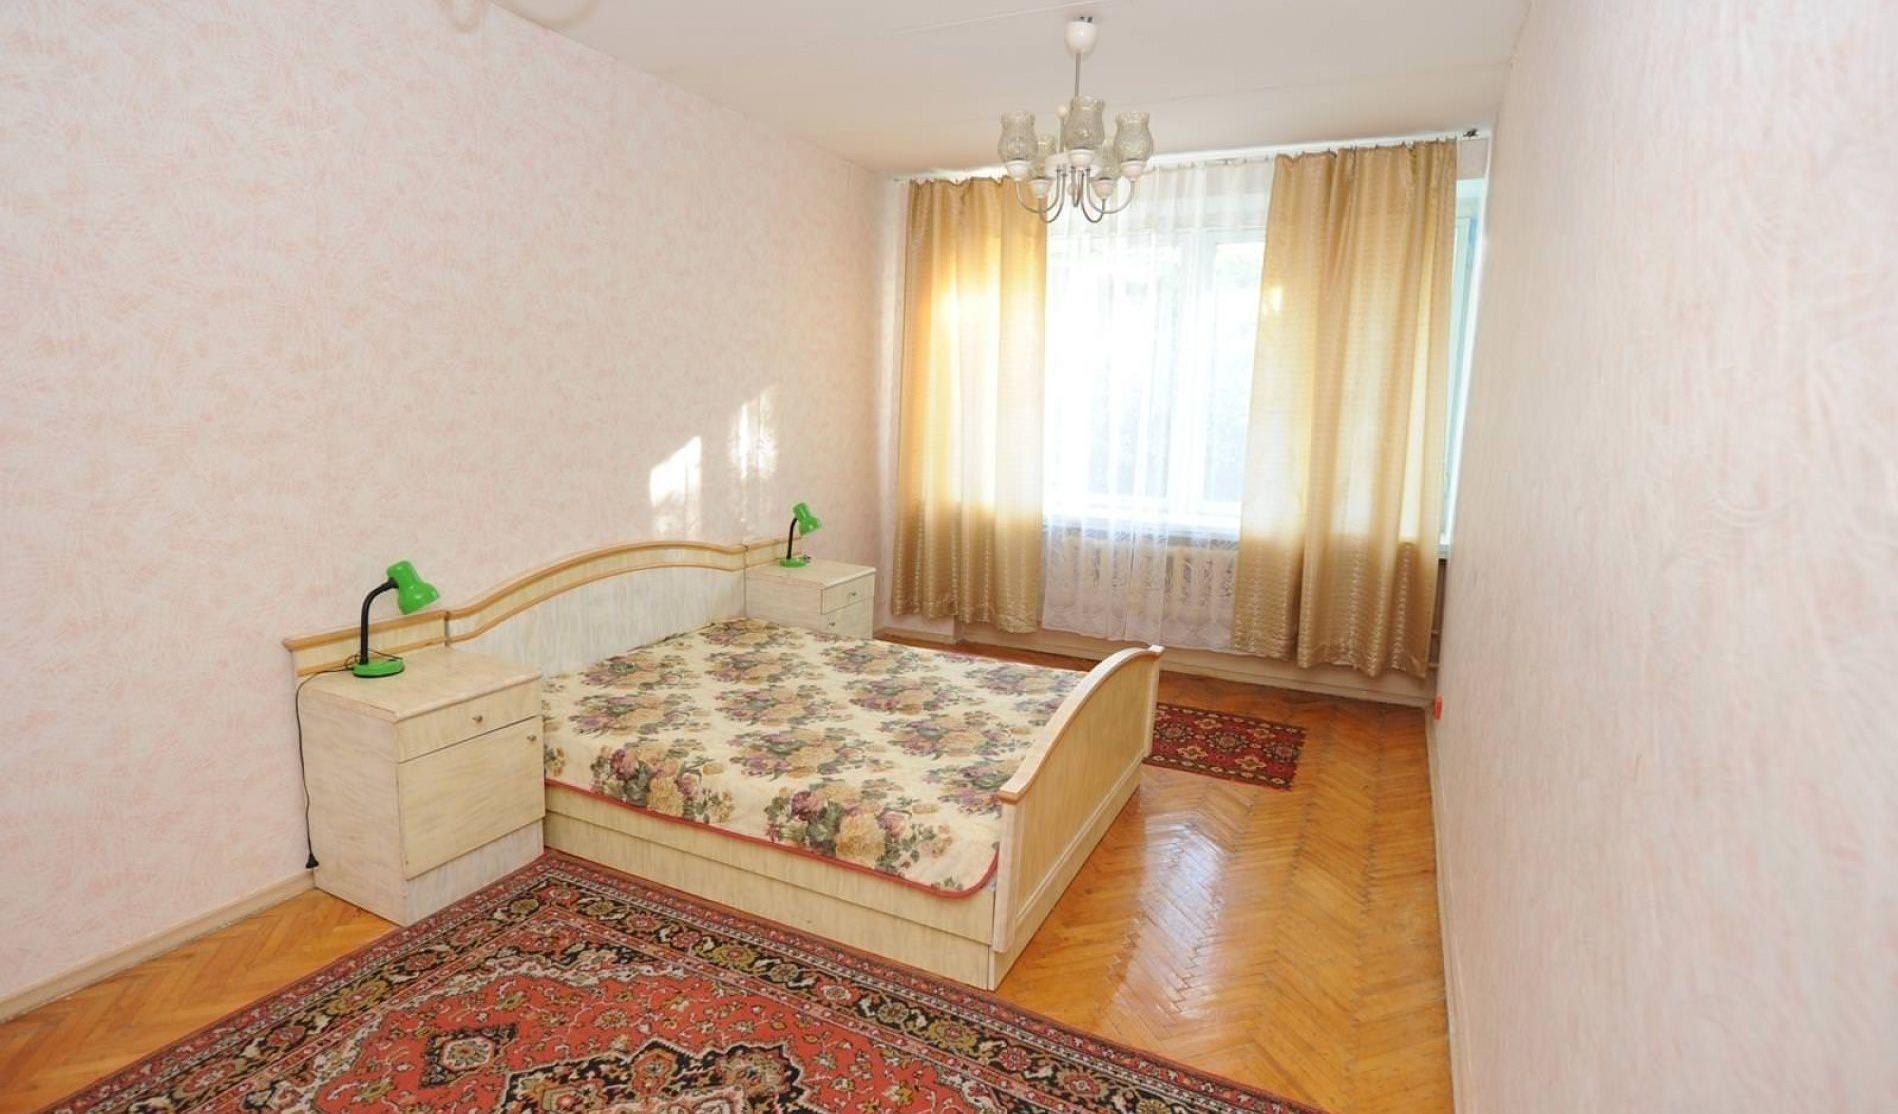 Дом отдыха «Компонент» Московская область Номер 1-местный (корпус №4,7), фото 3